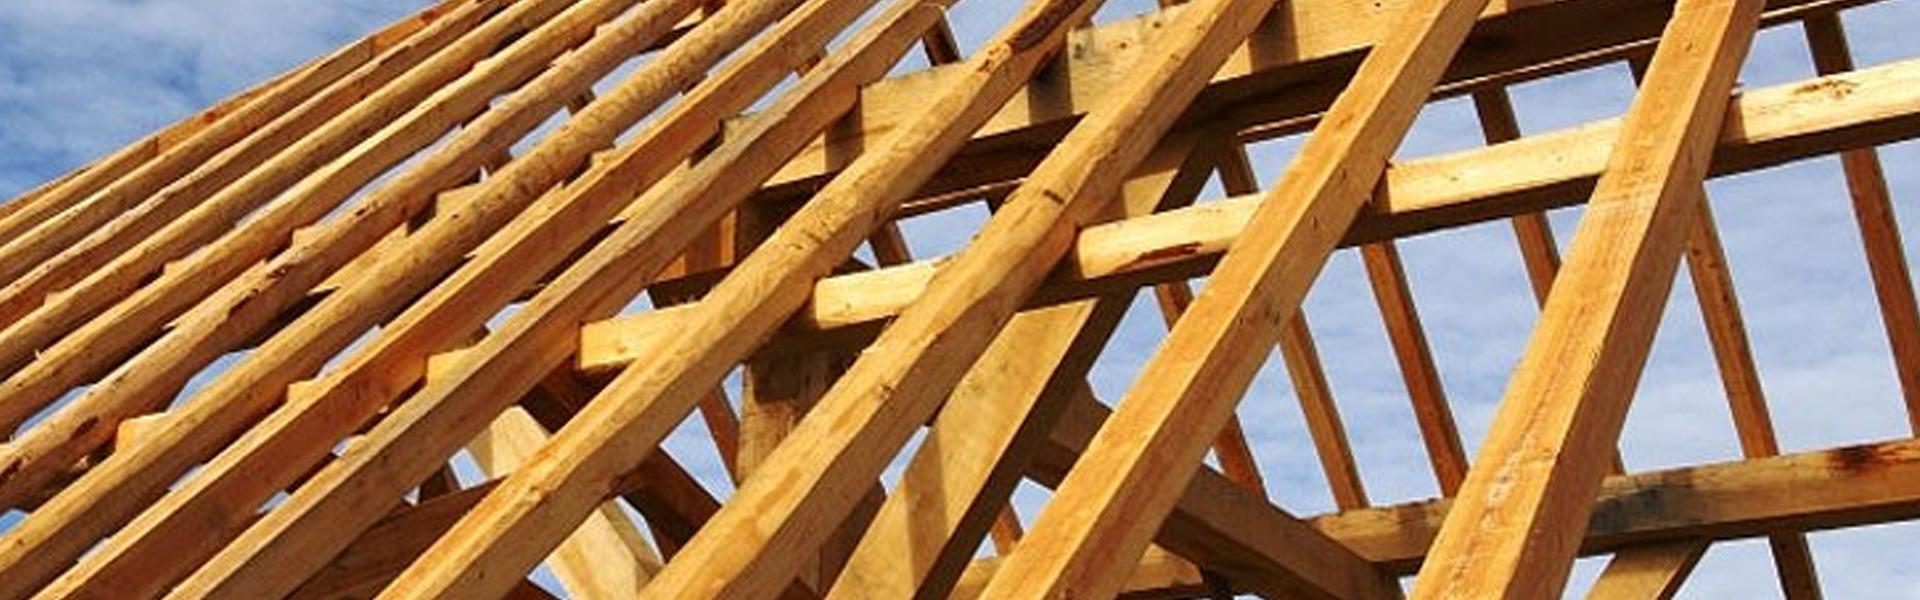 Bardzo dobra więźba dachowa - Centrum Budowlane Hubimar MA56